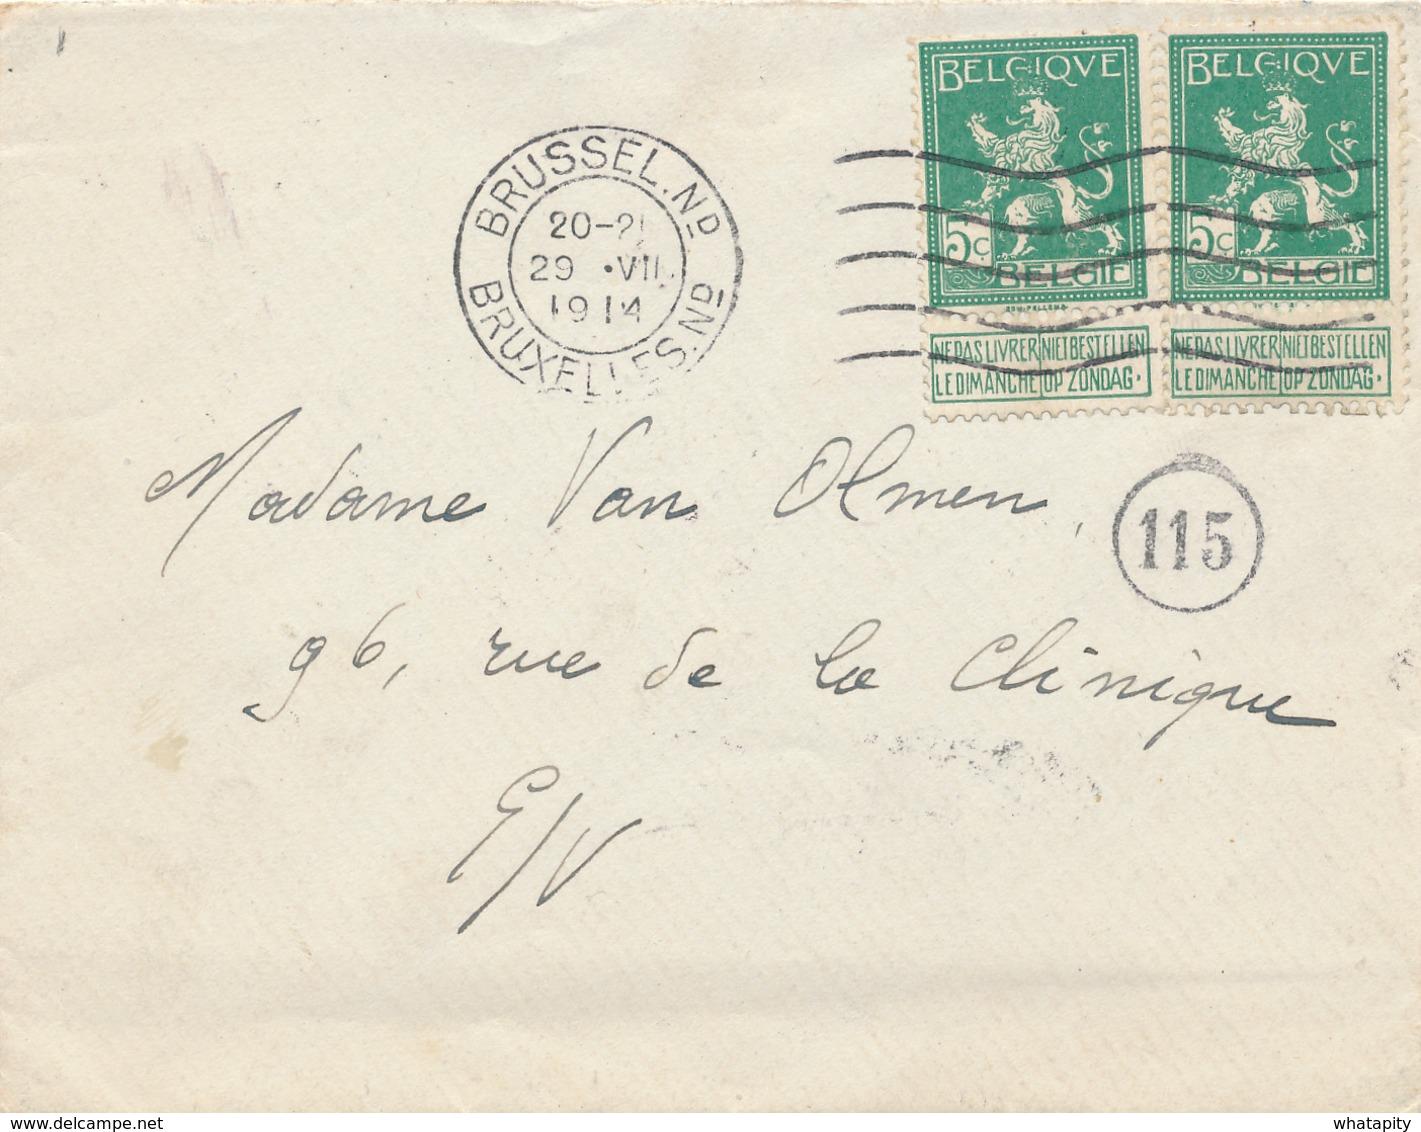 481/27 -- Enveloppe Avec Contenu 2 X TP Pellens BRUXELLES 29 VII 1914 - Texte Intéressant Sur La MOBILISATION - Invasion